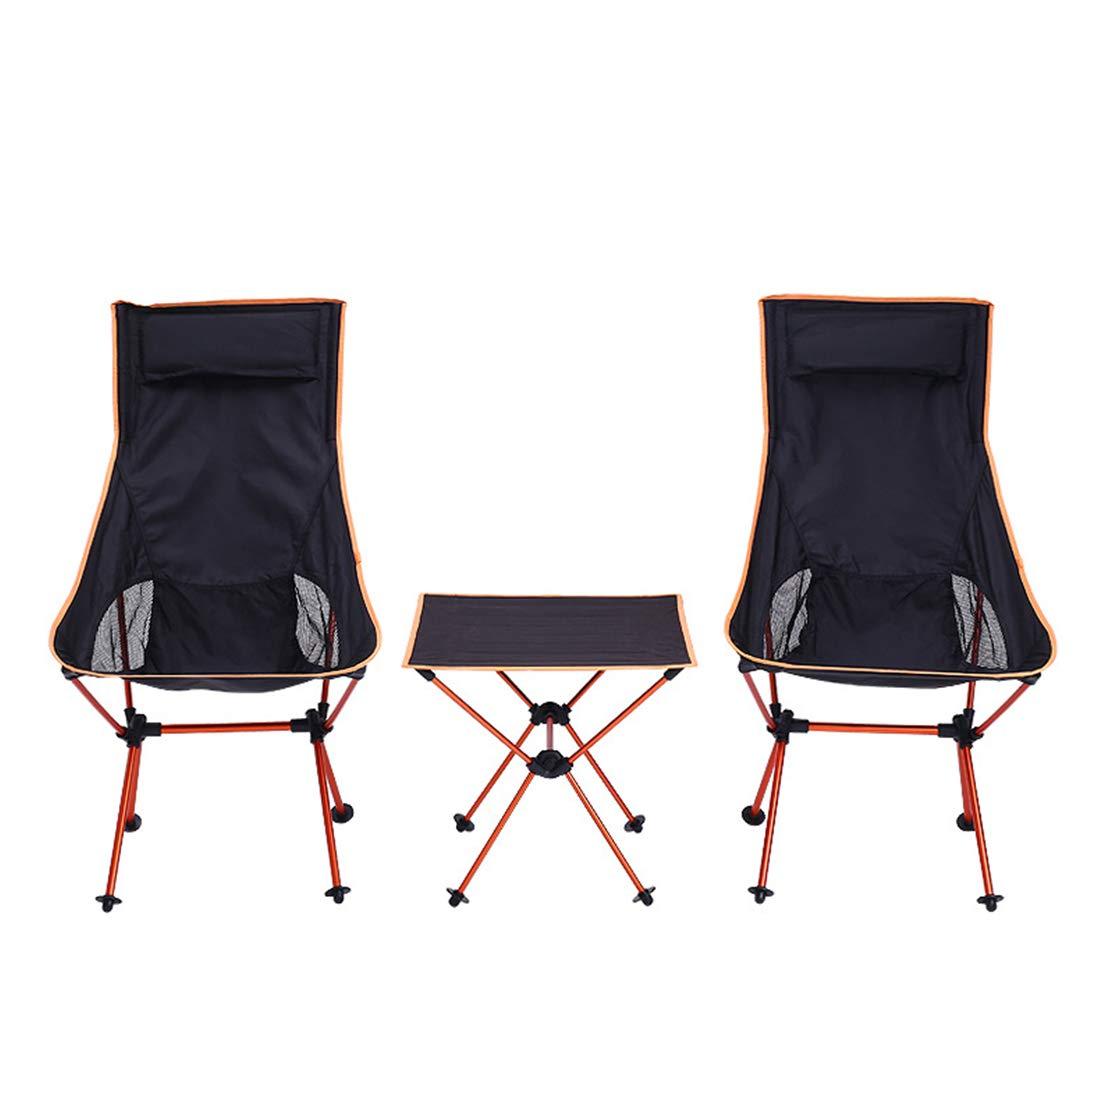 FUBULECY Klappbarer Stuhl für Außenbereich Klappbarer Stuhl für Kopfteil 3-teiliges Set Tragfähigkeit für Familien 120 kg Montierter kompakter Stuhl mit speziellen Fällen Kampierende Ausrüstung Fische